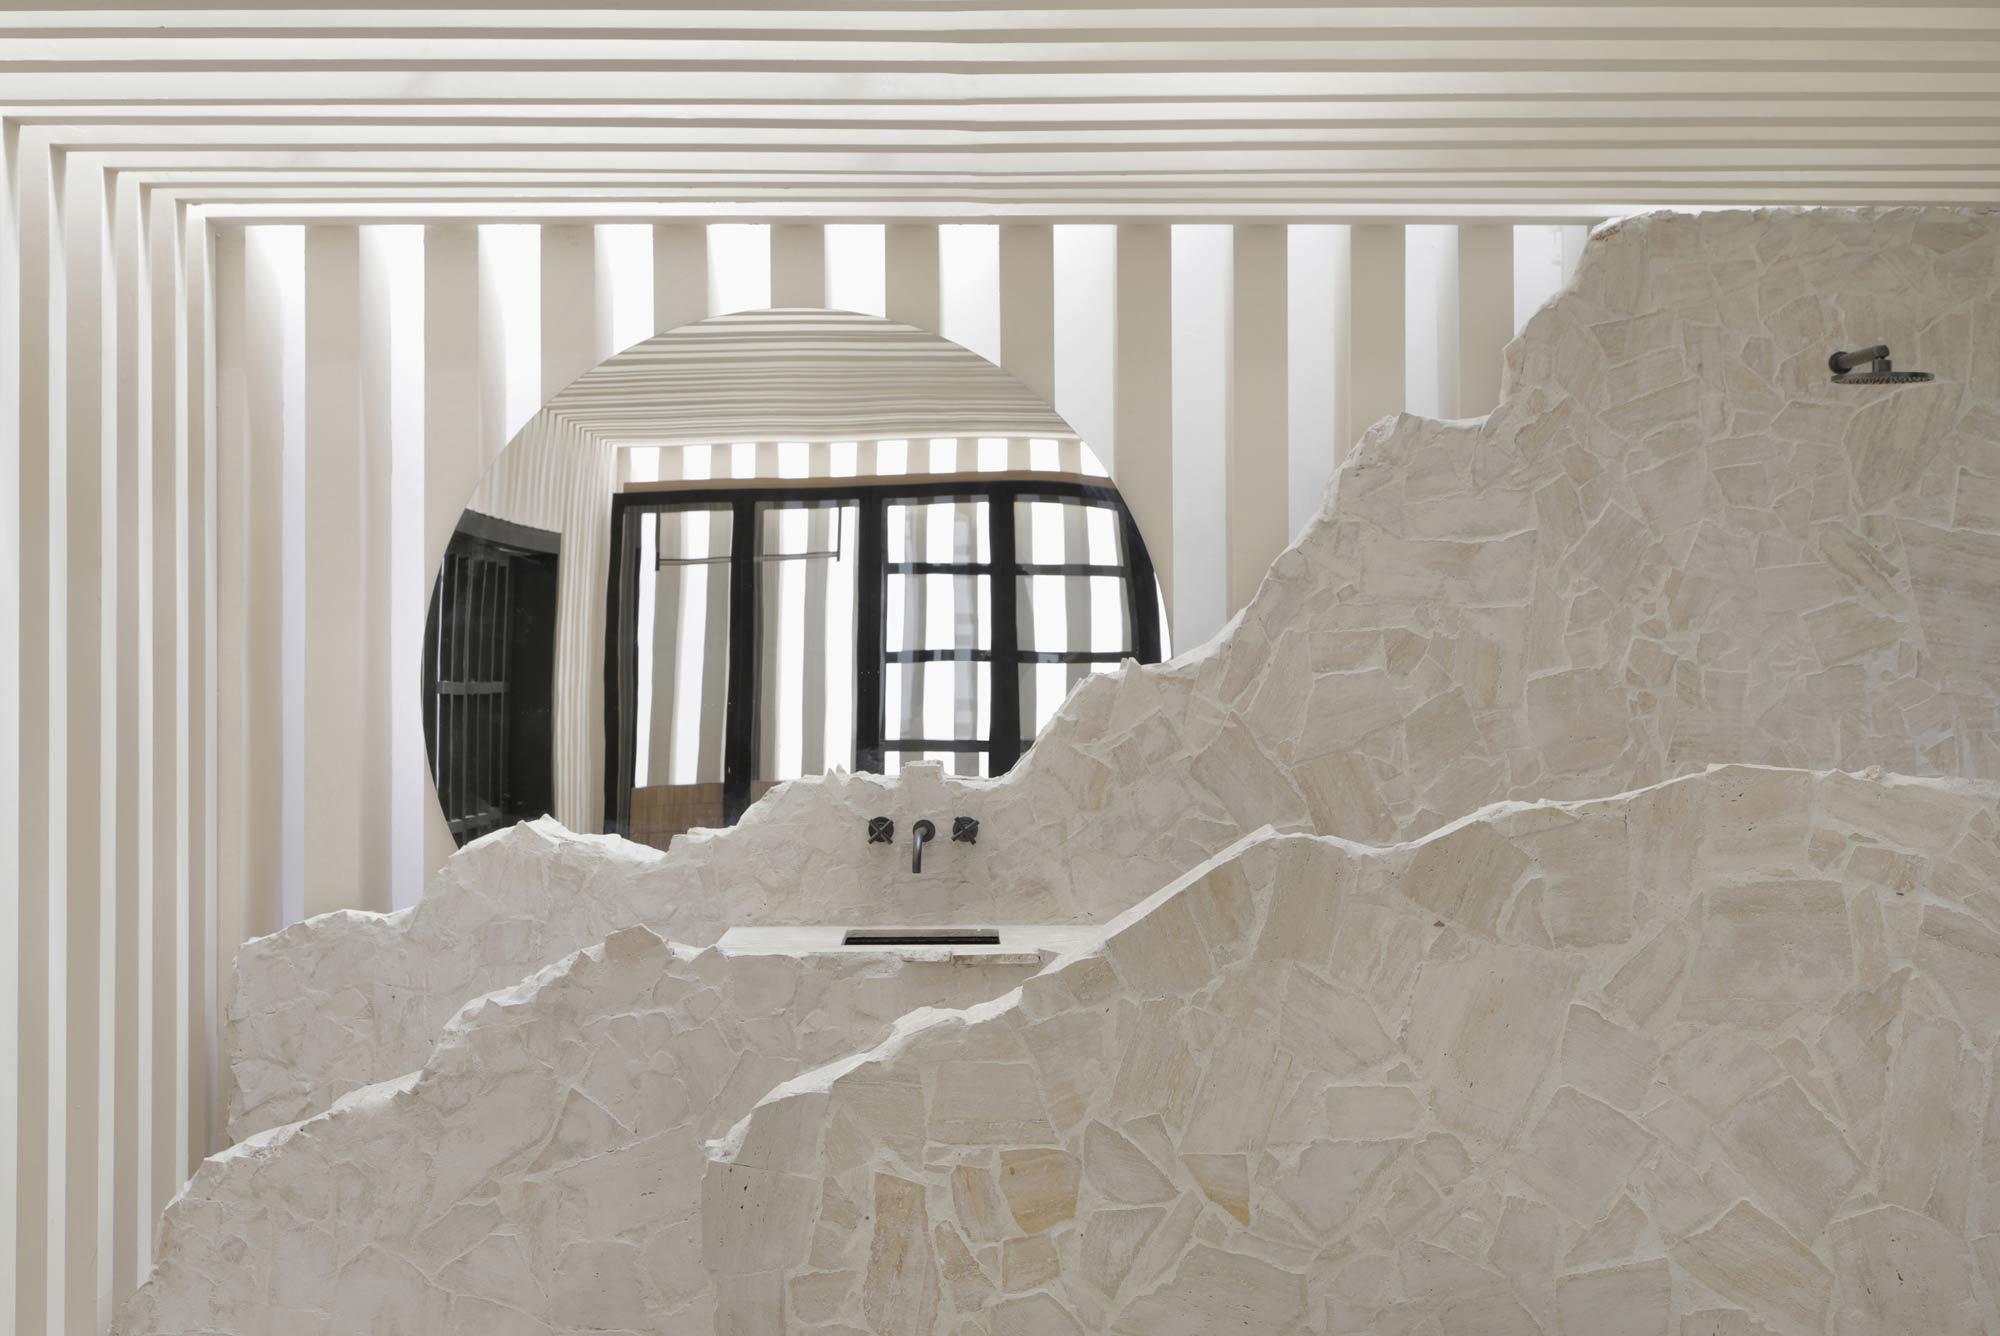 In seiner Casa Sibipirunas gibt der brasilianische Architekt Otto Felixdem Bad mit einem Boden und Einbauten aus Travertin eine natürliche Atmosphäre. Foto: Denilson Machado